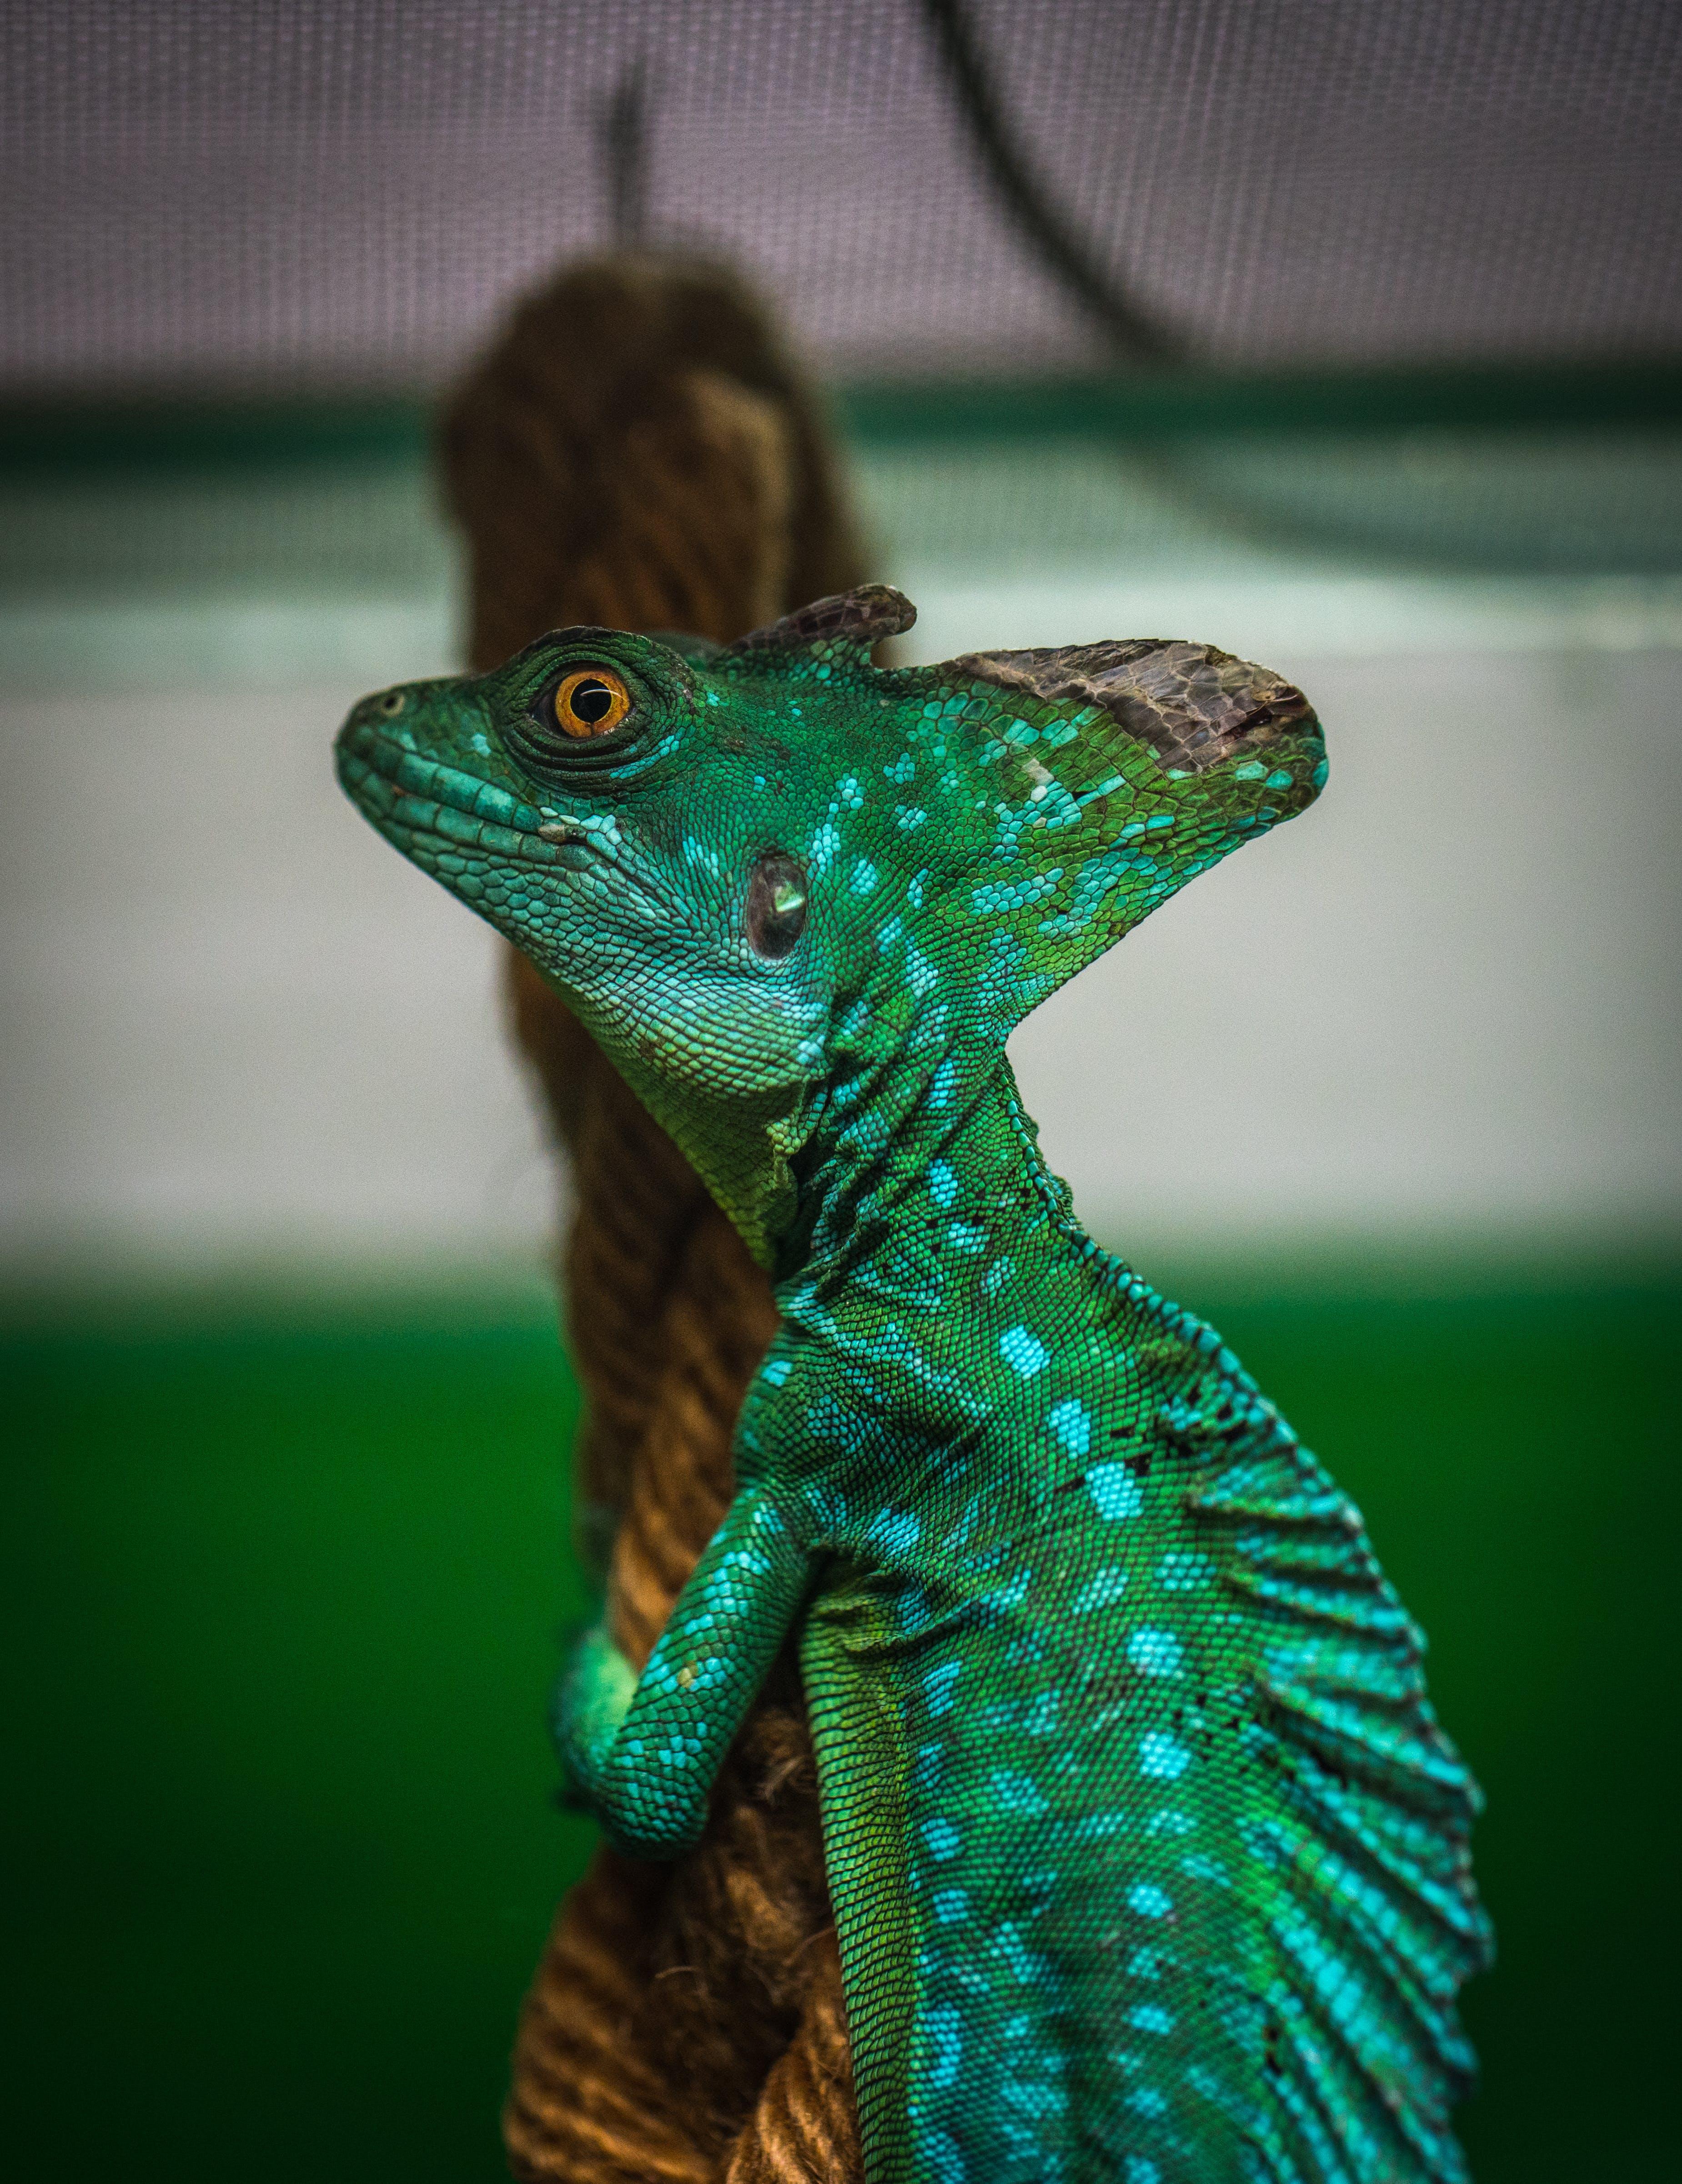 Green Chameleon on Brown Wood Slab